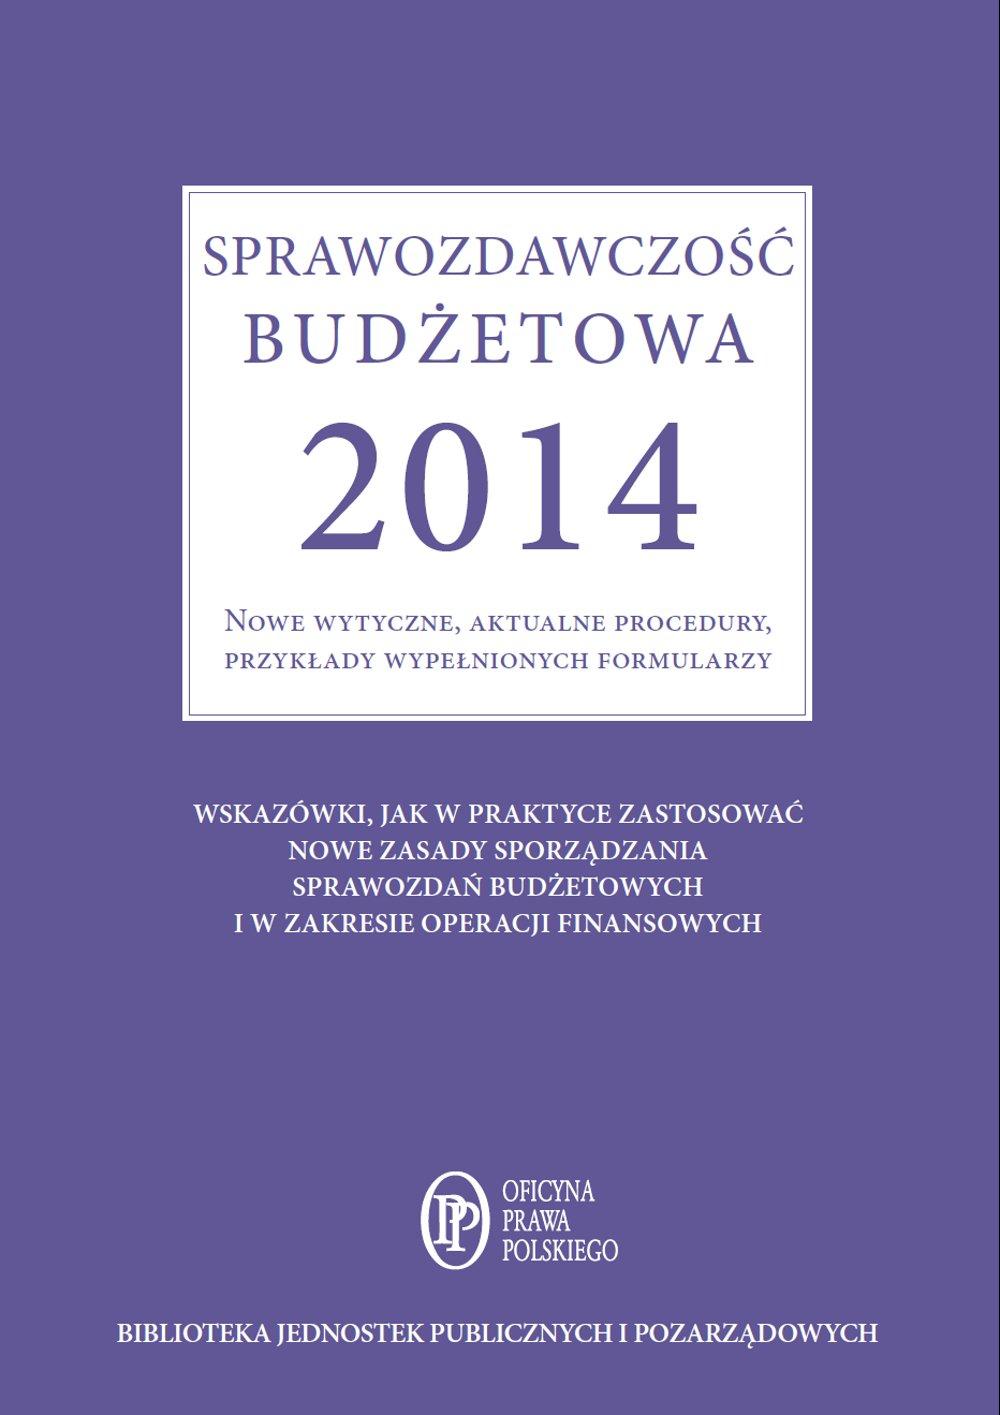 Sprawozdawczość budżetowa 2014 Nowe wytyczne, aktualne procedury, przykłady wypełnionych formularzy - Ebook (Książka PDF) do pobrania w formacie PDF